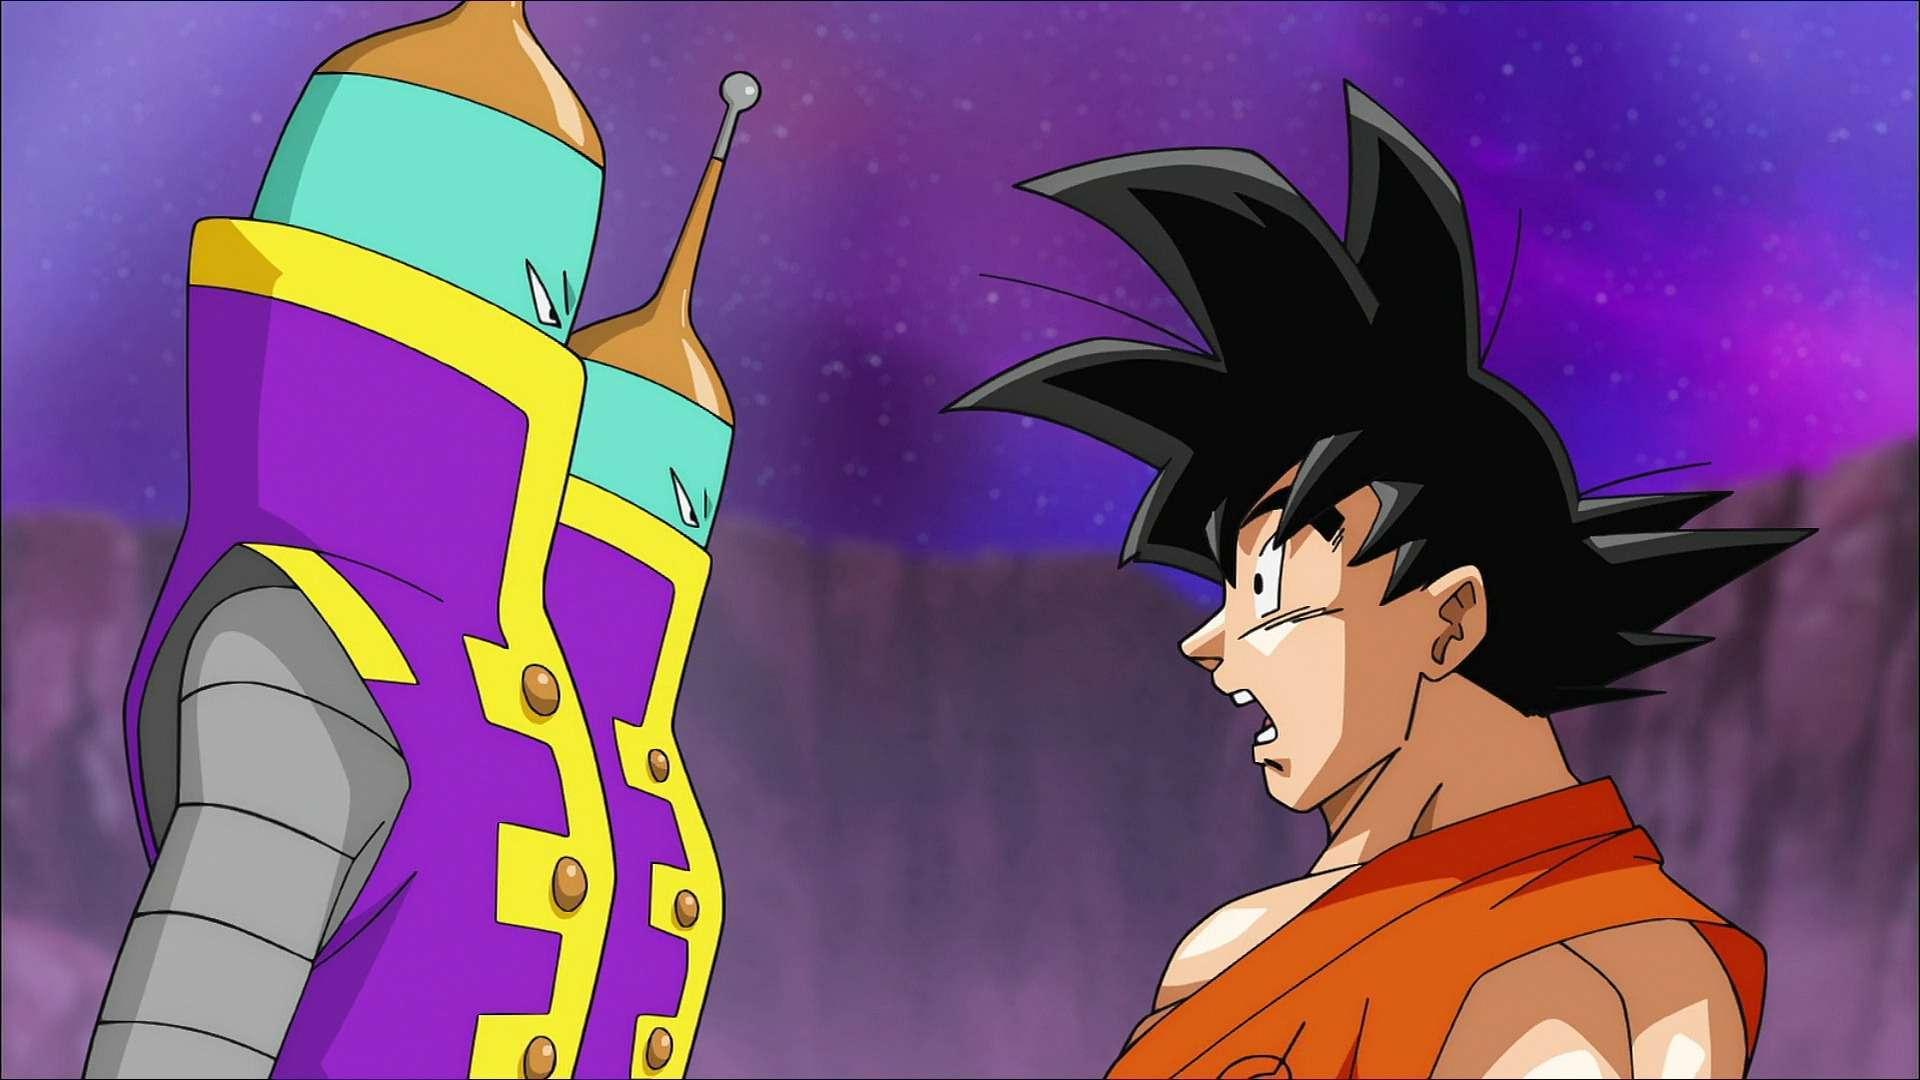 2 cận vệ rất tức giận trước sự vô lễ của Goku